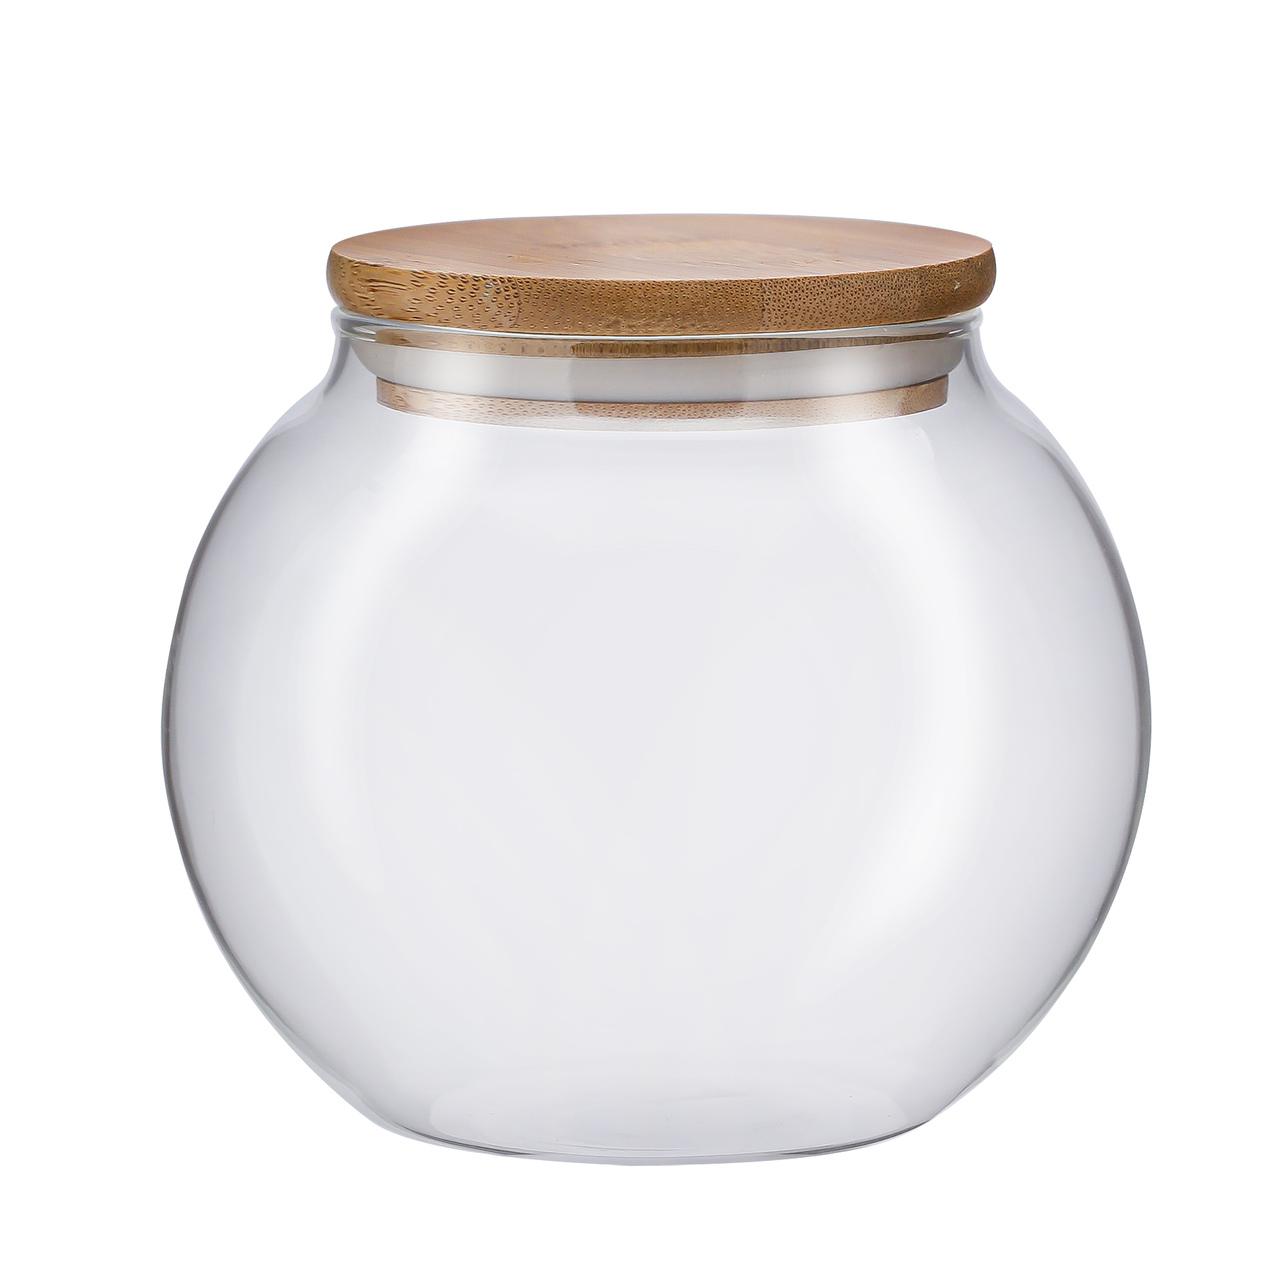 Kit Pote Hermético com Tampa de Bambu - 3 Peças  - CASACOBRE